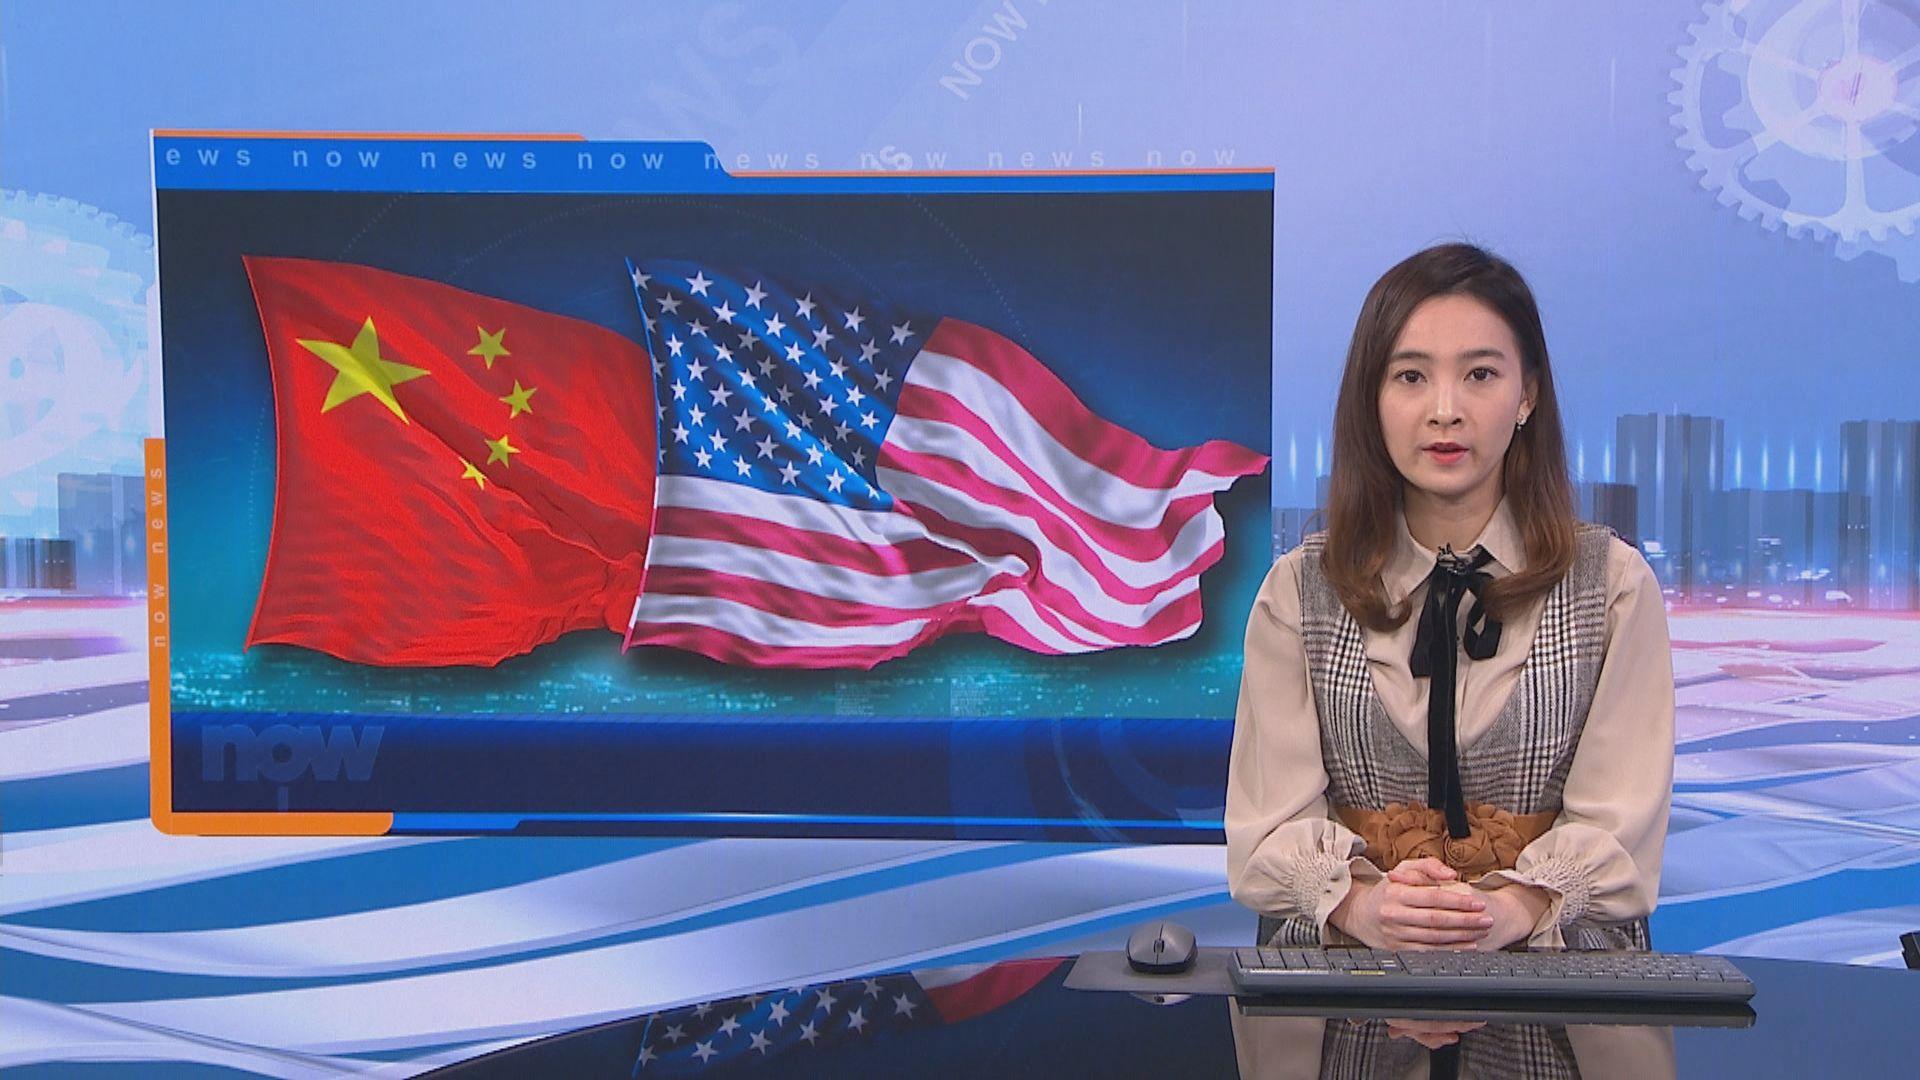 特朗普不滿中國驅逐美國記者 對中國做法感不快